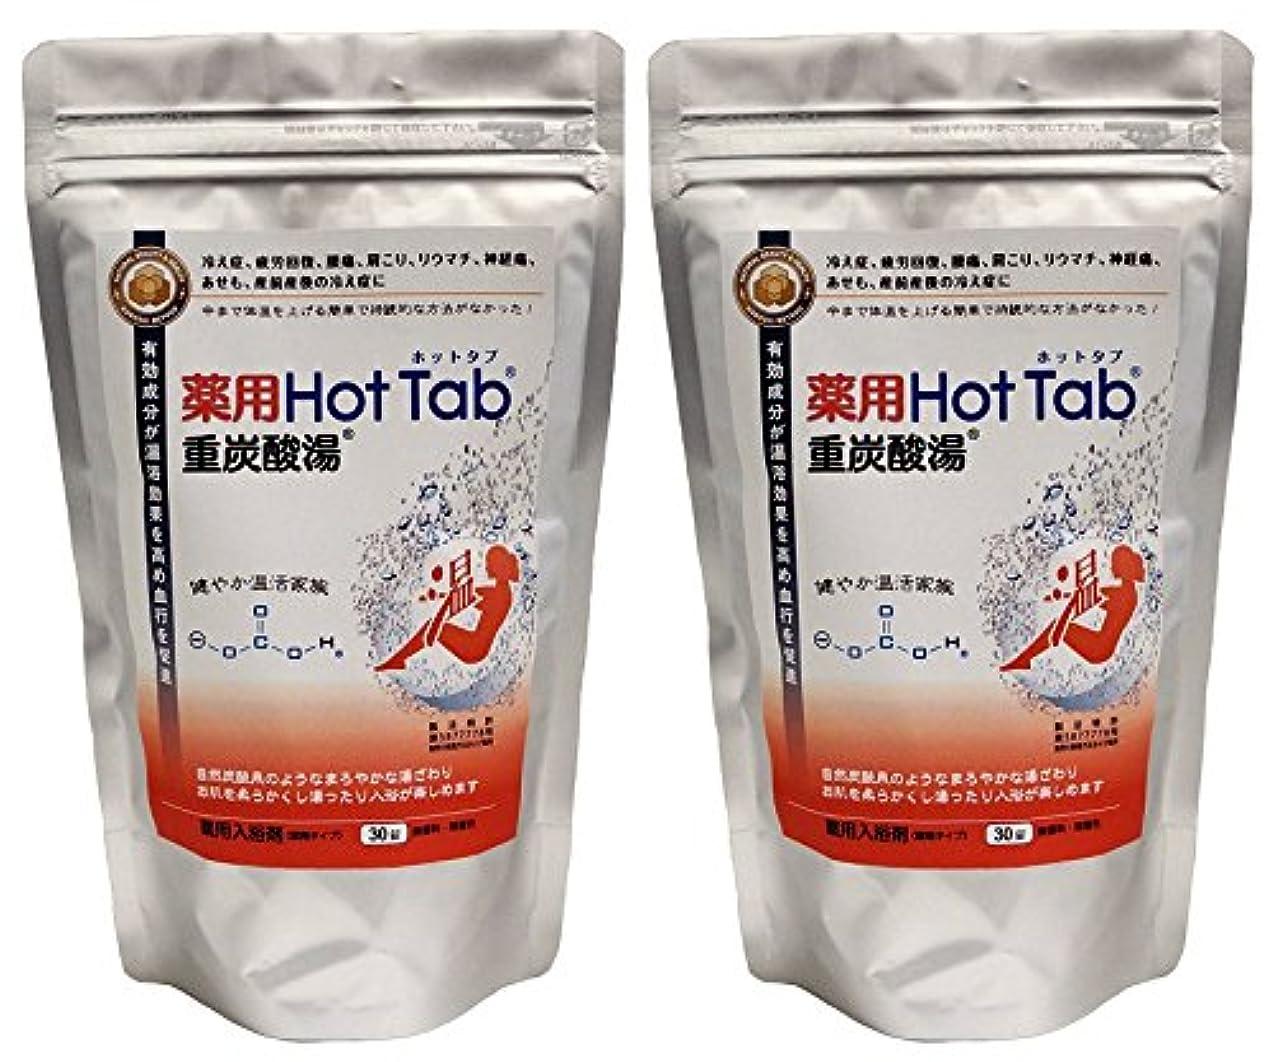 薬用HotTab重炭酸湯30錠入り×2セット